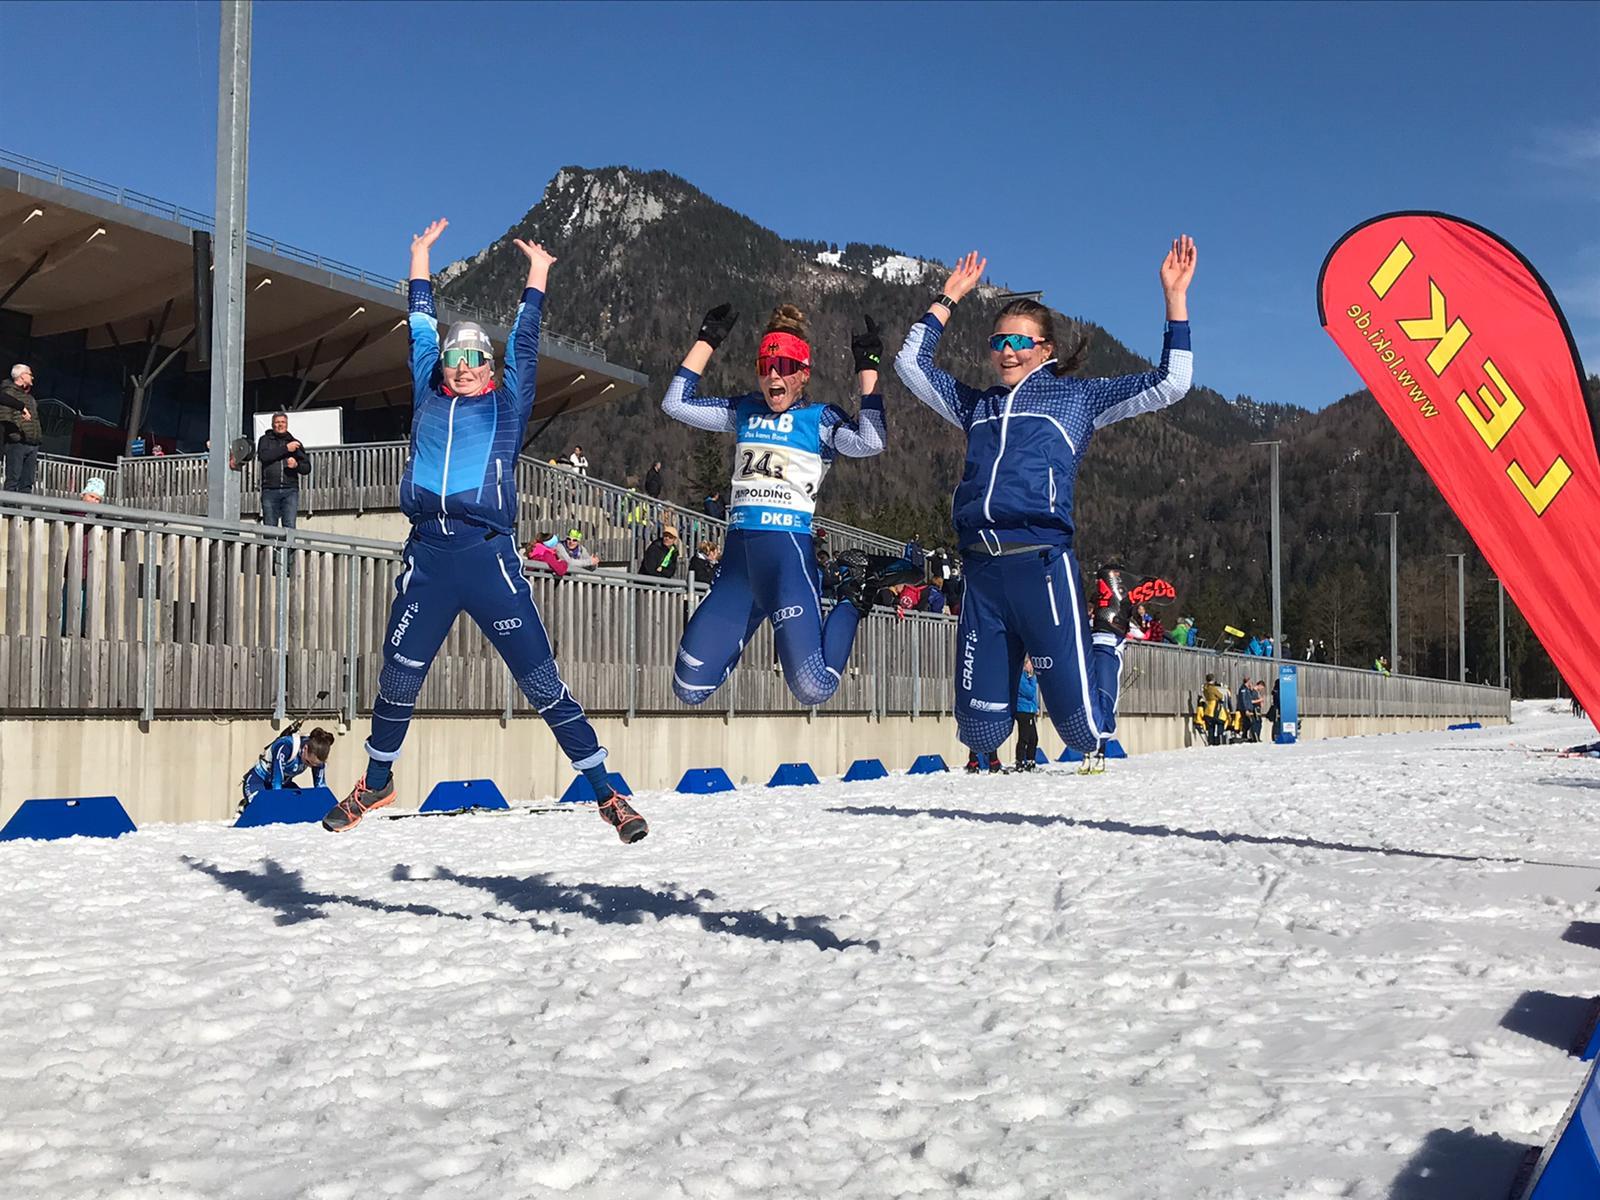 Finale Deutschlandpokal/Deutsche Jugendmeisterschaft Biathlon